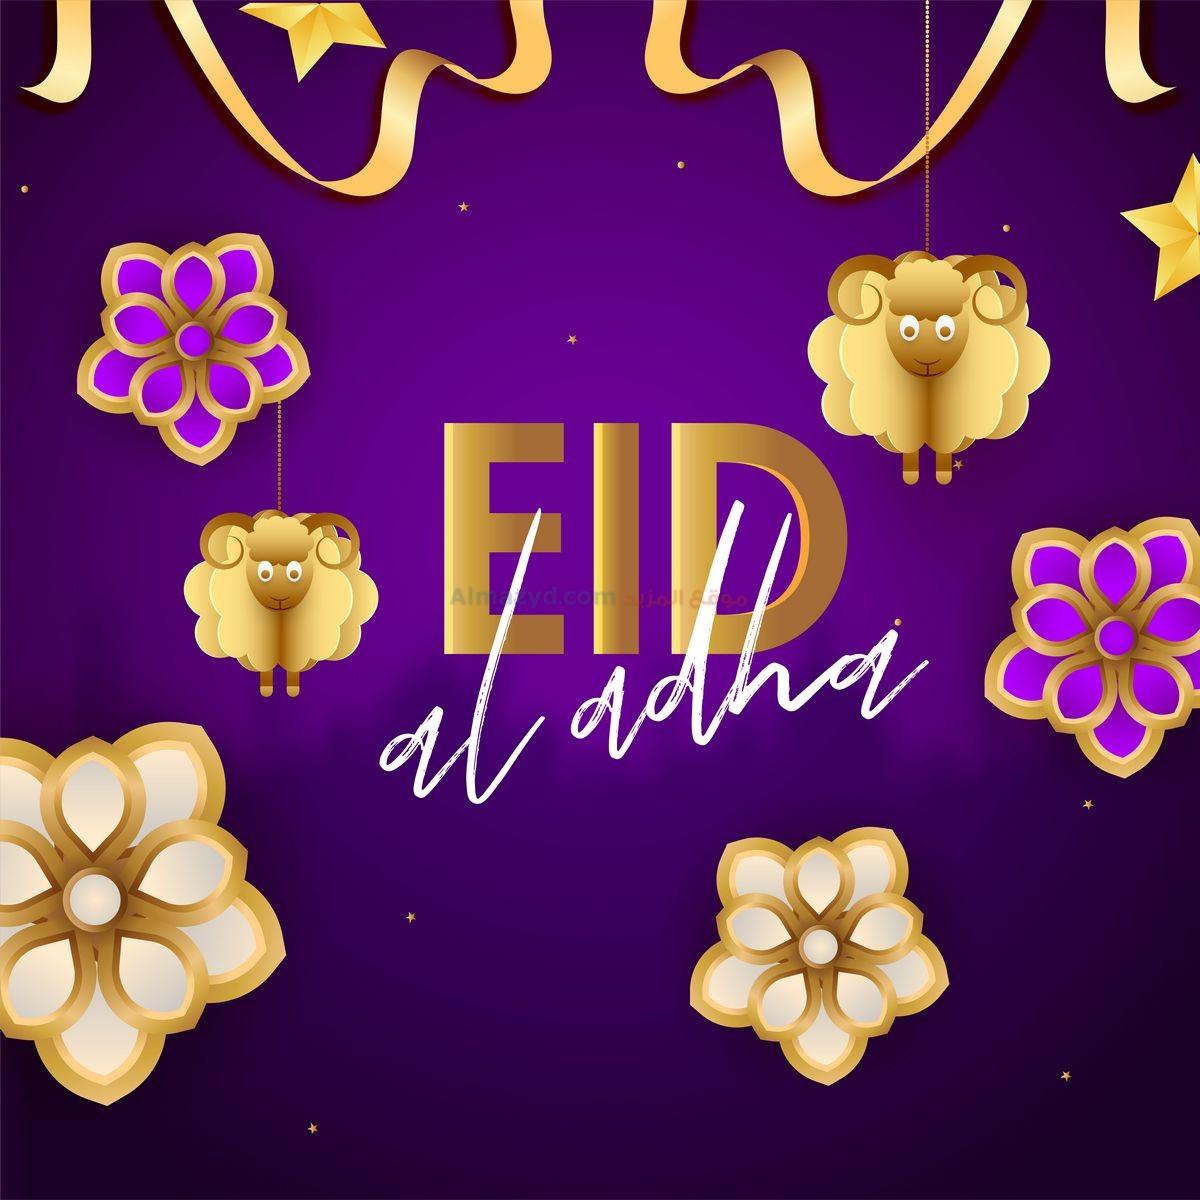 صور عن العيد 2020 رسائل عيد الفطر عيد الفطر المبارك صور عيد الفطر 28